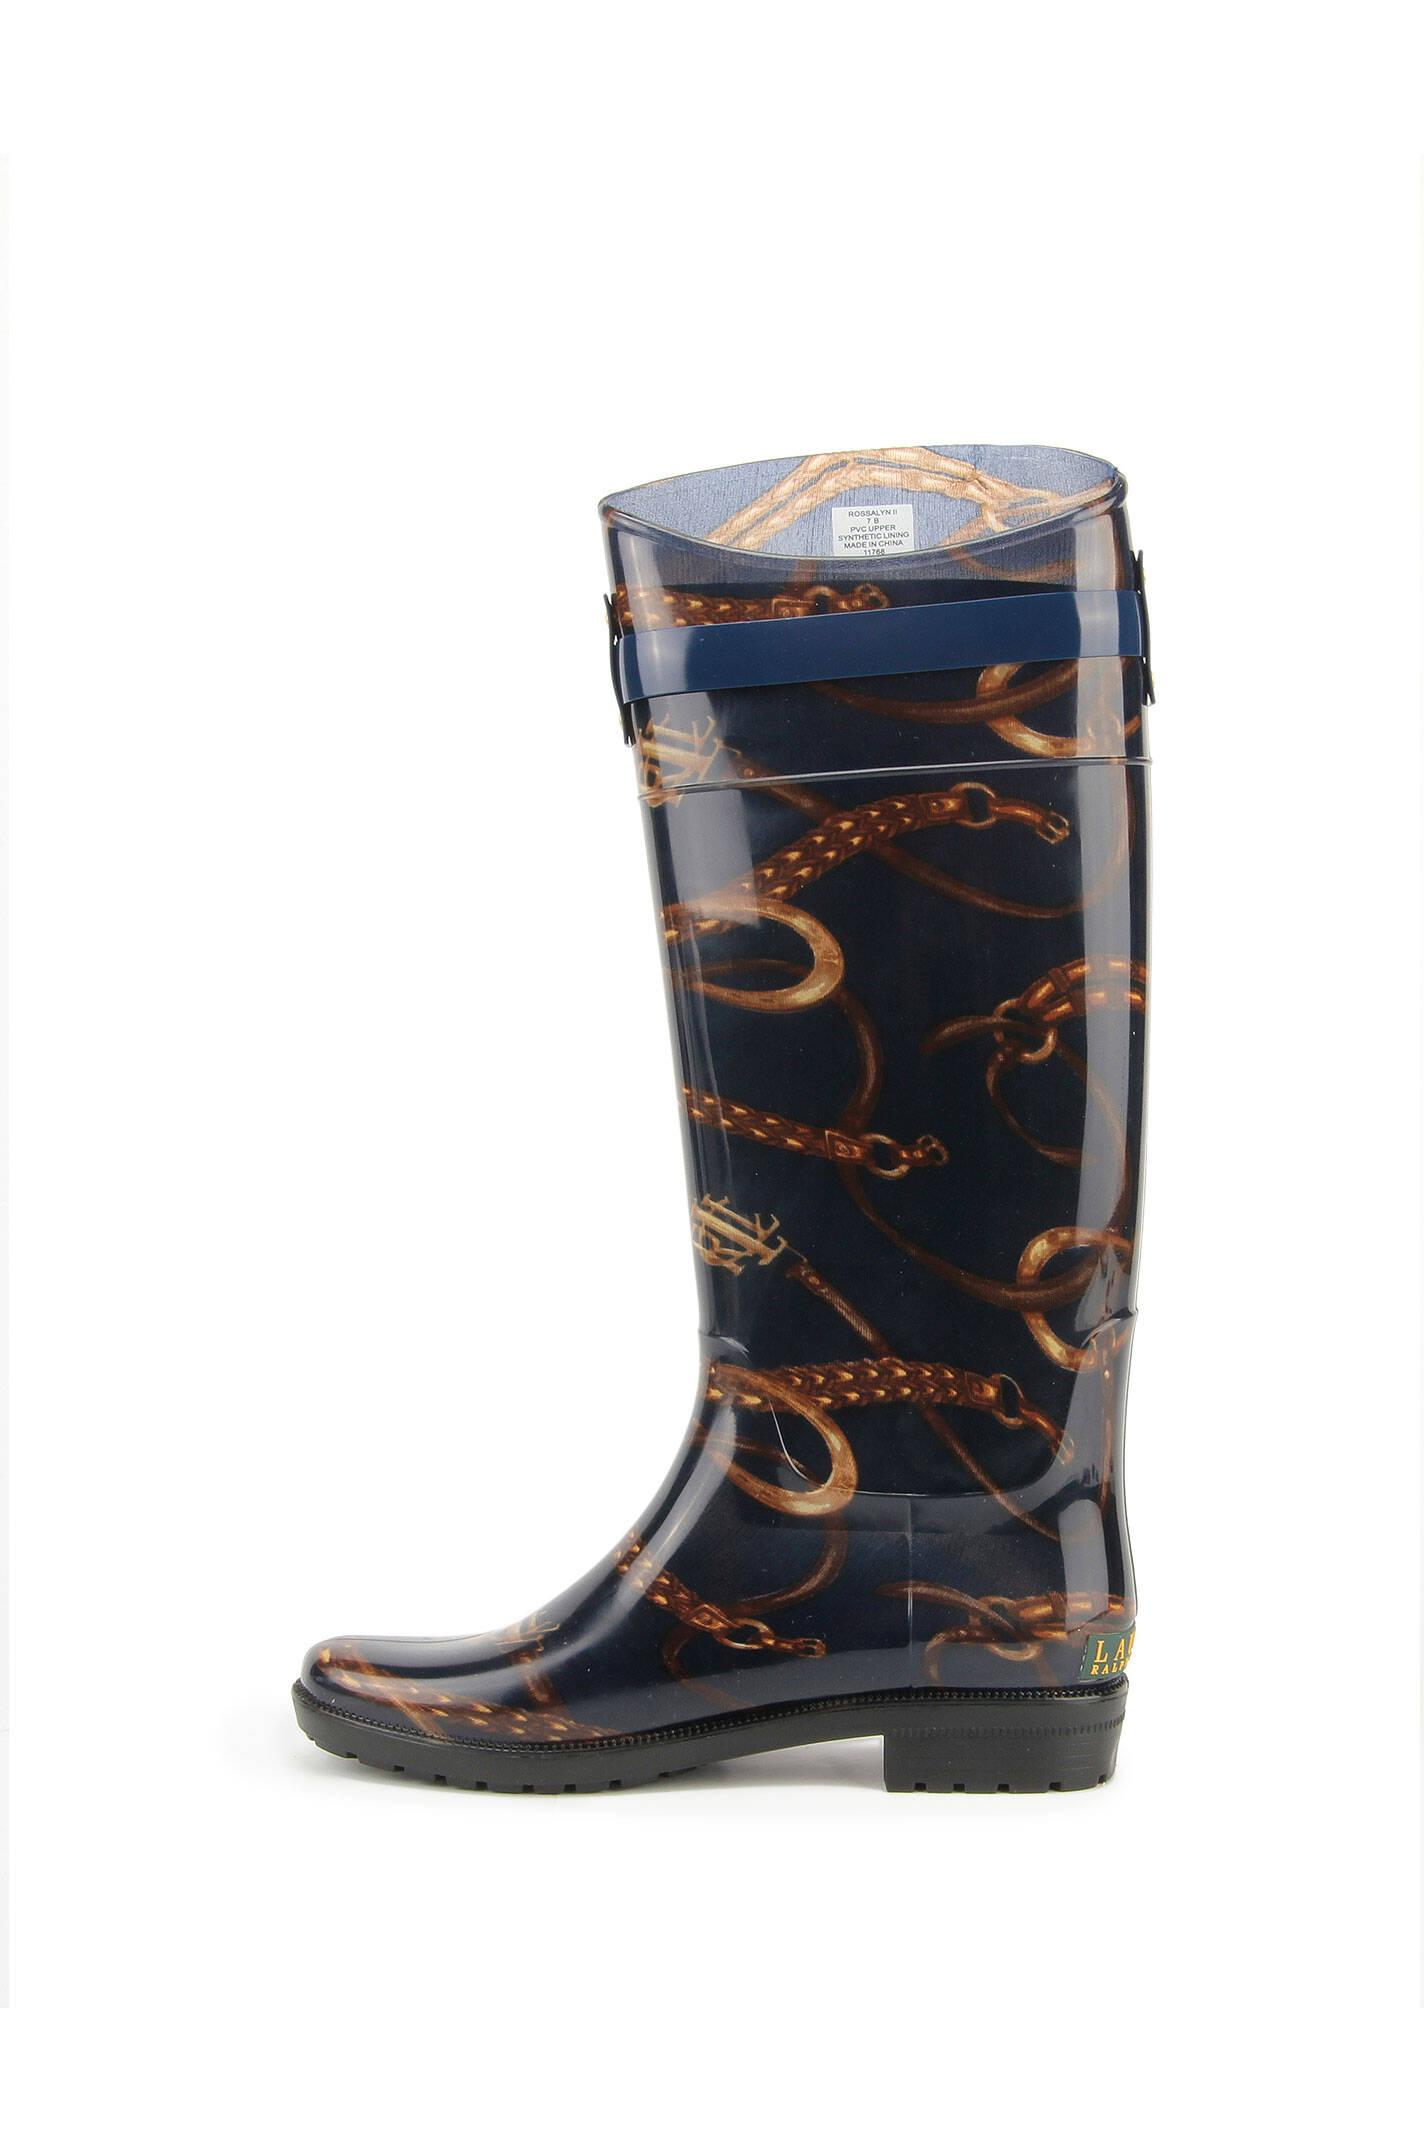 9d9d0c21dbc Rossalyn II Rain boots